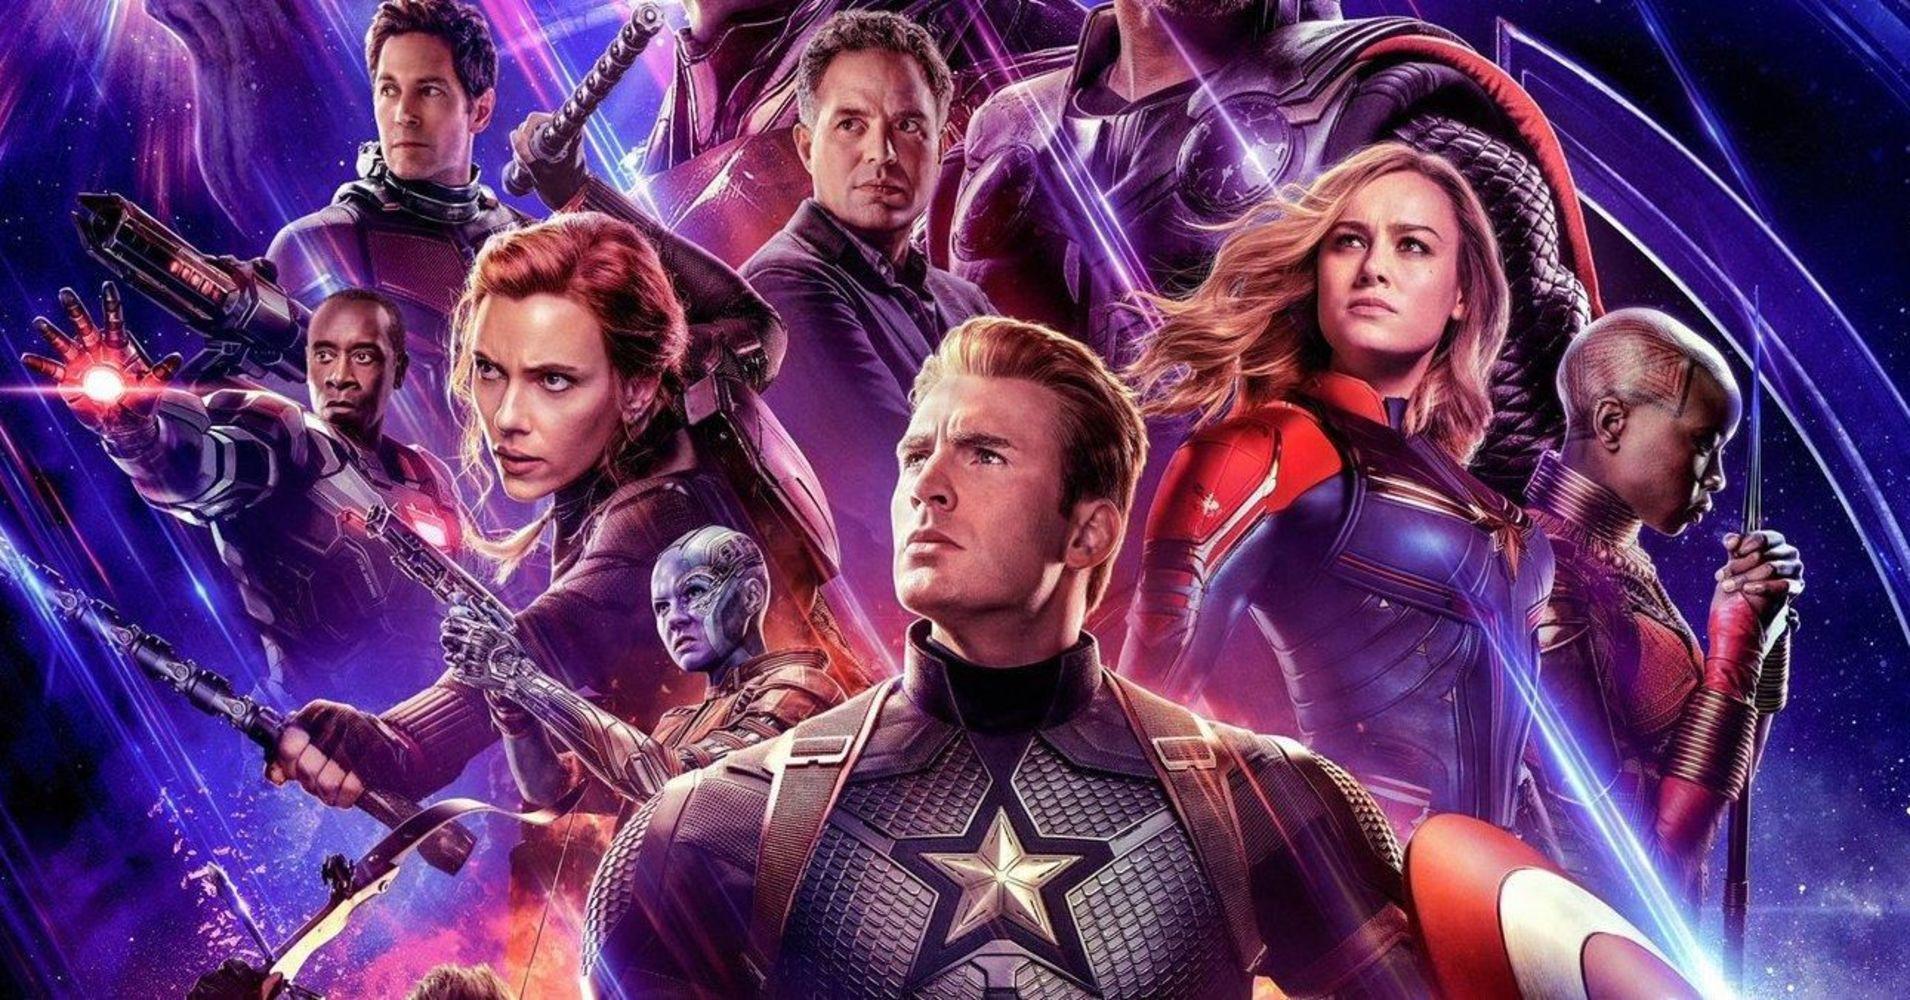 Cast of Marvels Avengers Endgame movie including Captain America.